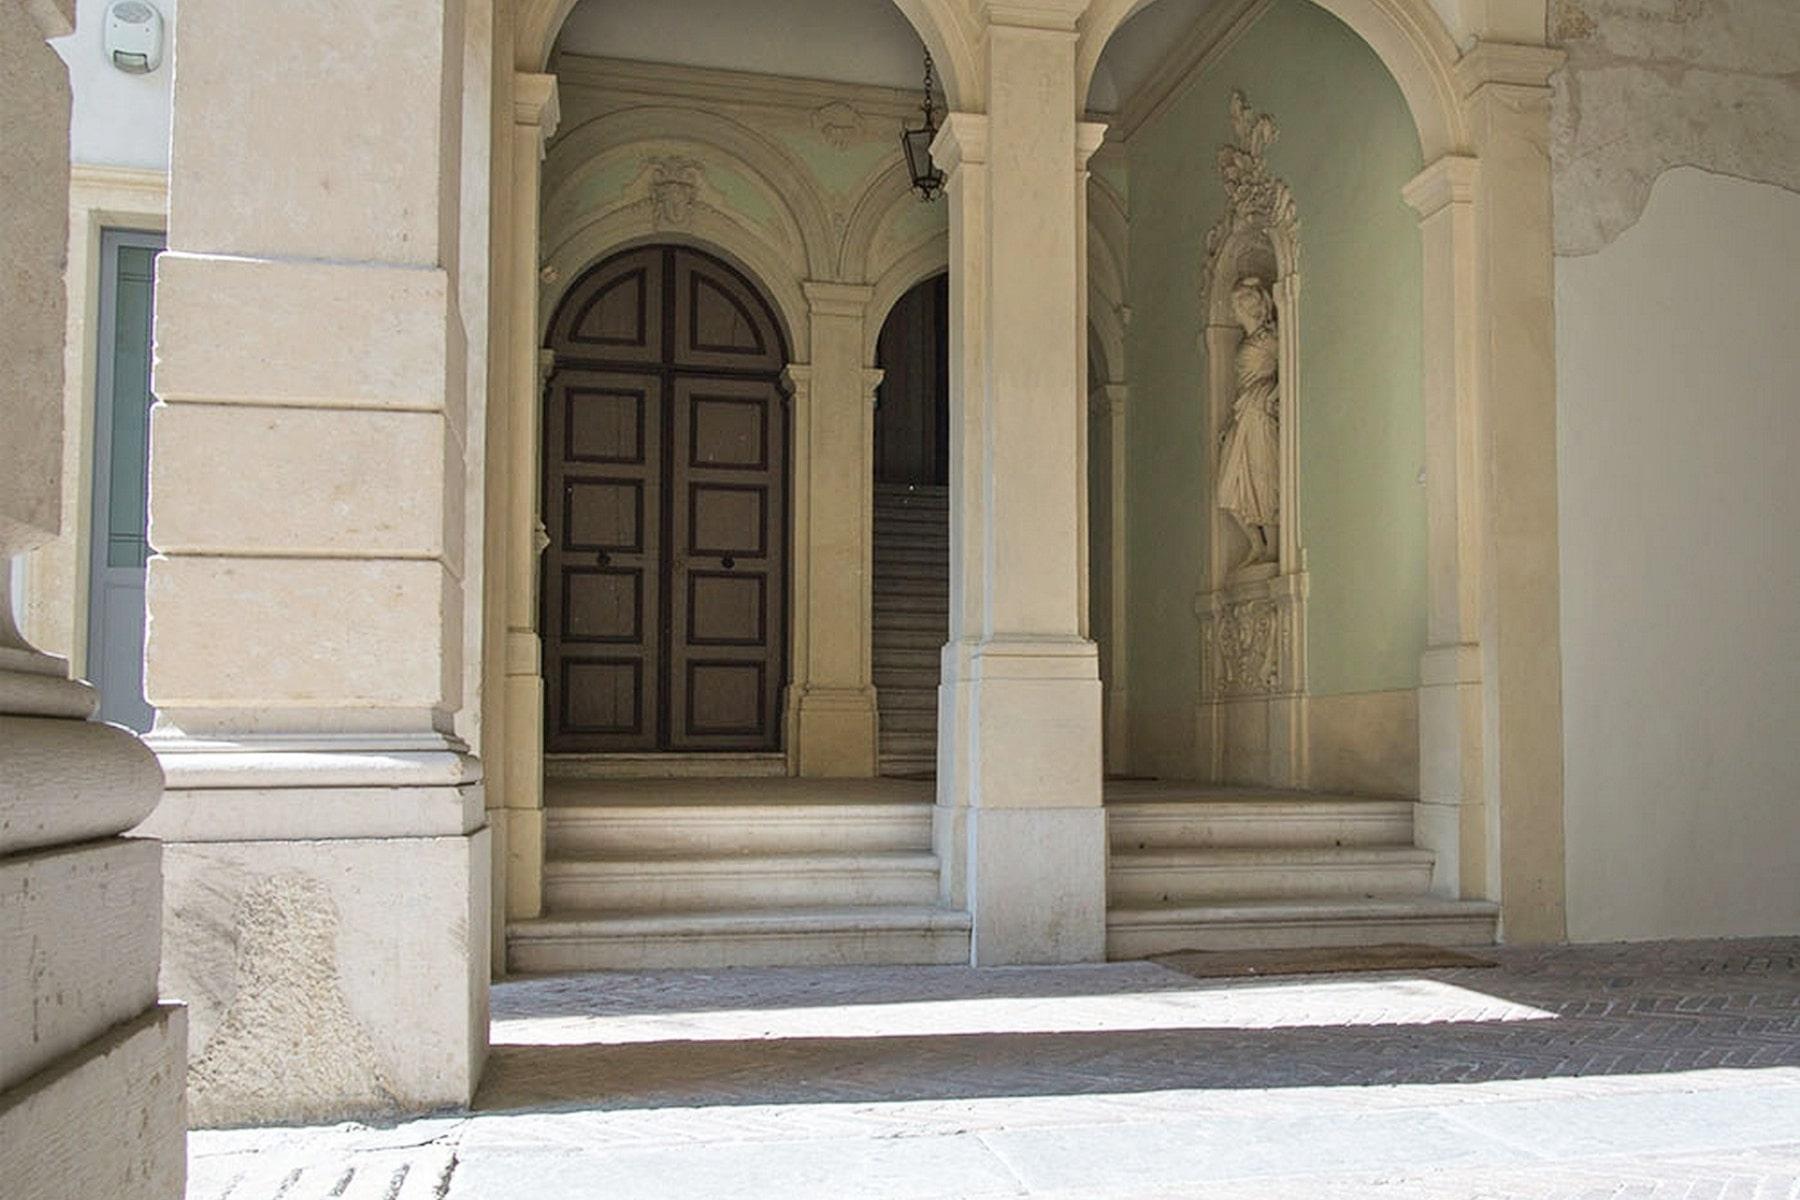 Ufficio-studio in Vendita a Verona: 5 locali, 615 mq - Foto 20